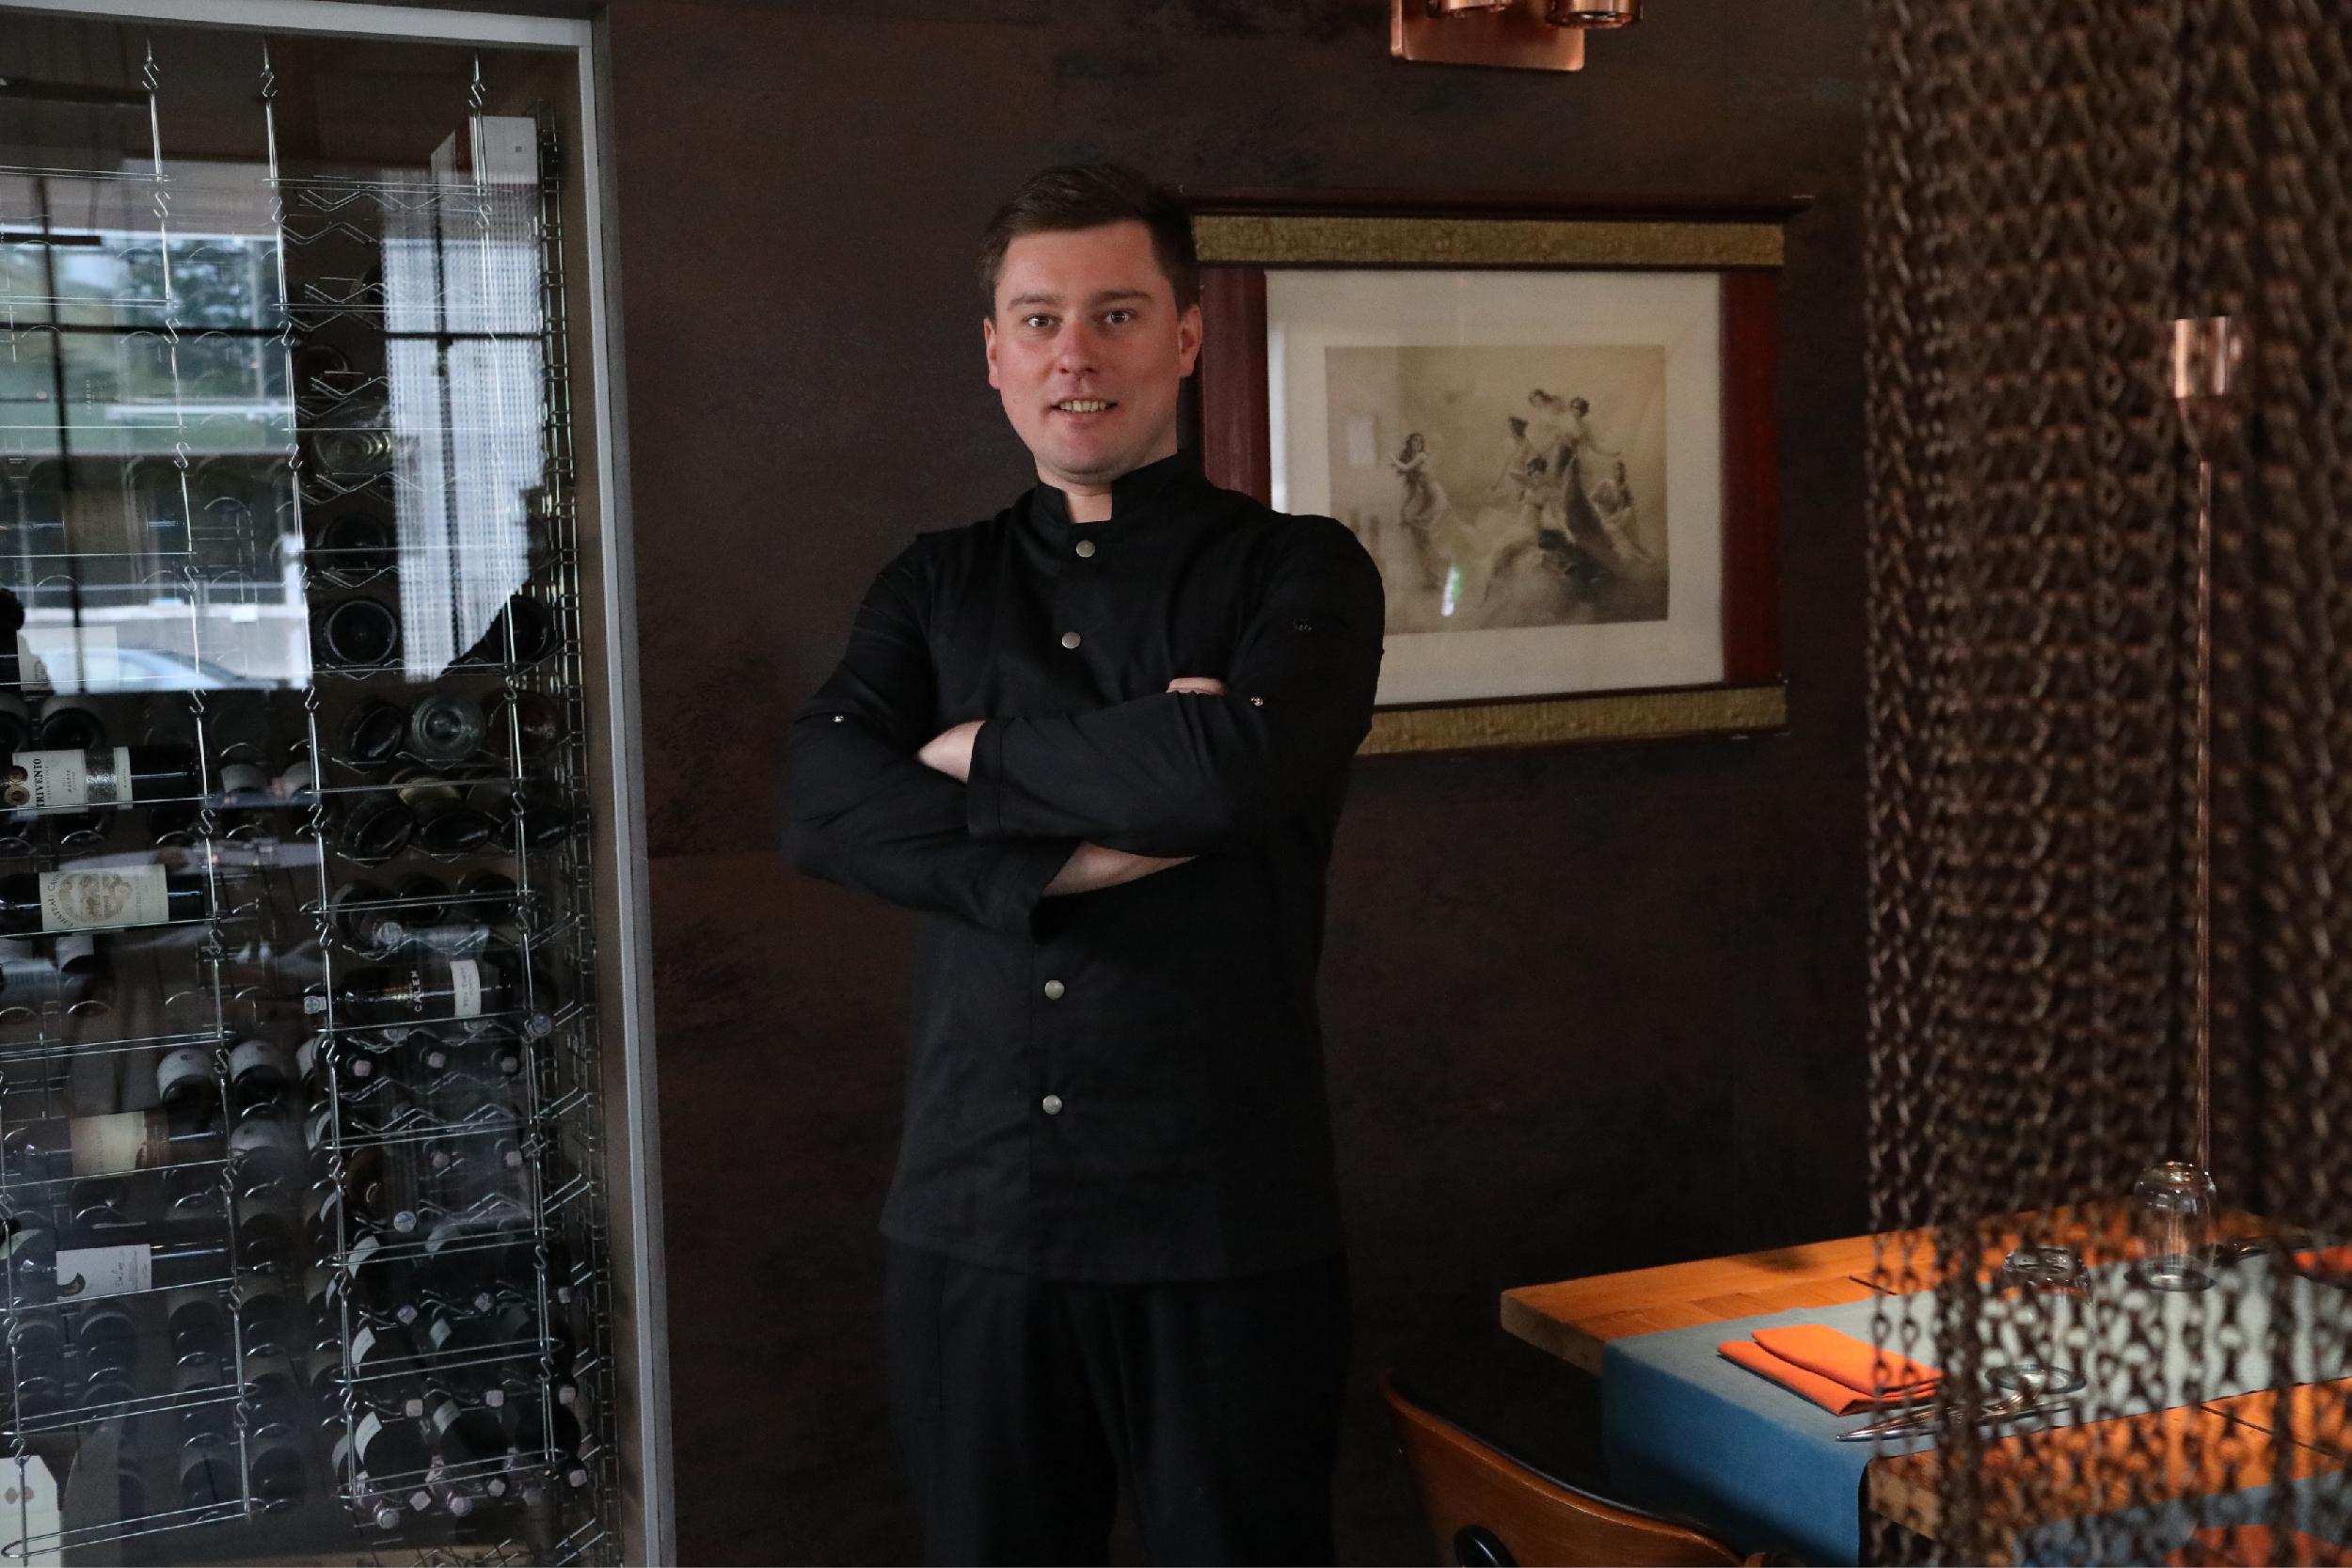 Virtuvės šefas Artūras Butkūnas